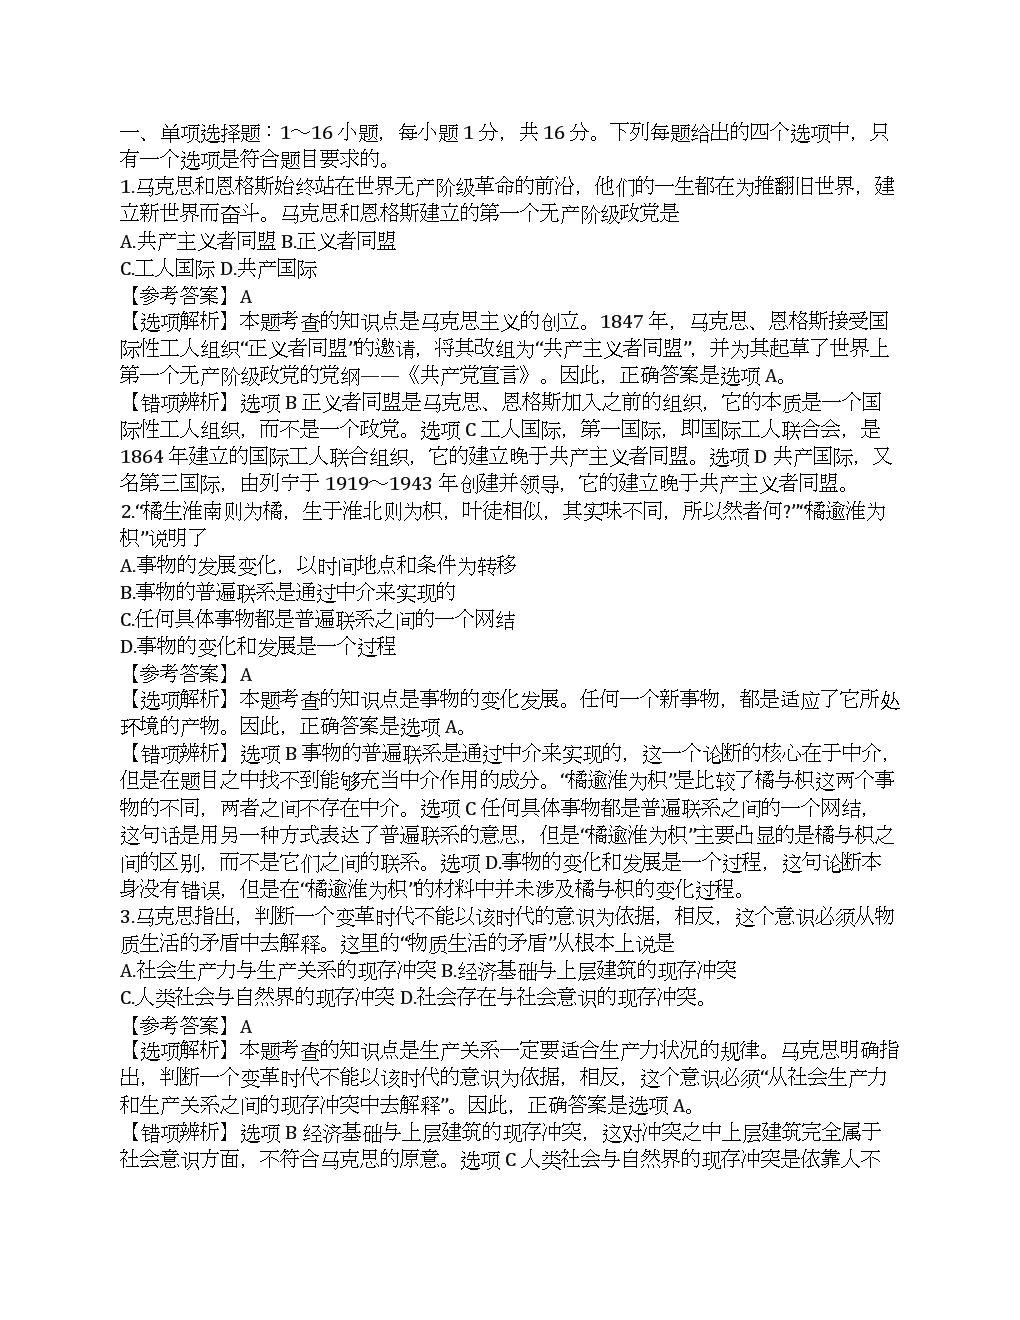 19考研政治答案+解析(完整版).docx